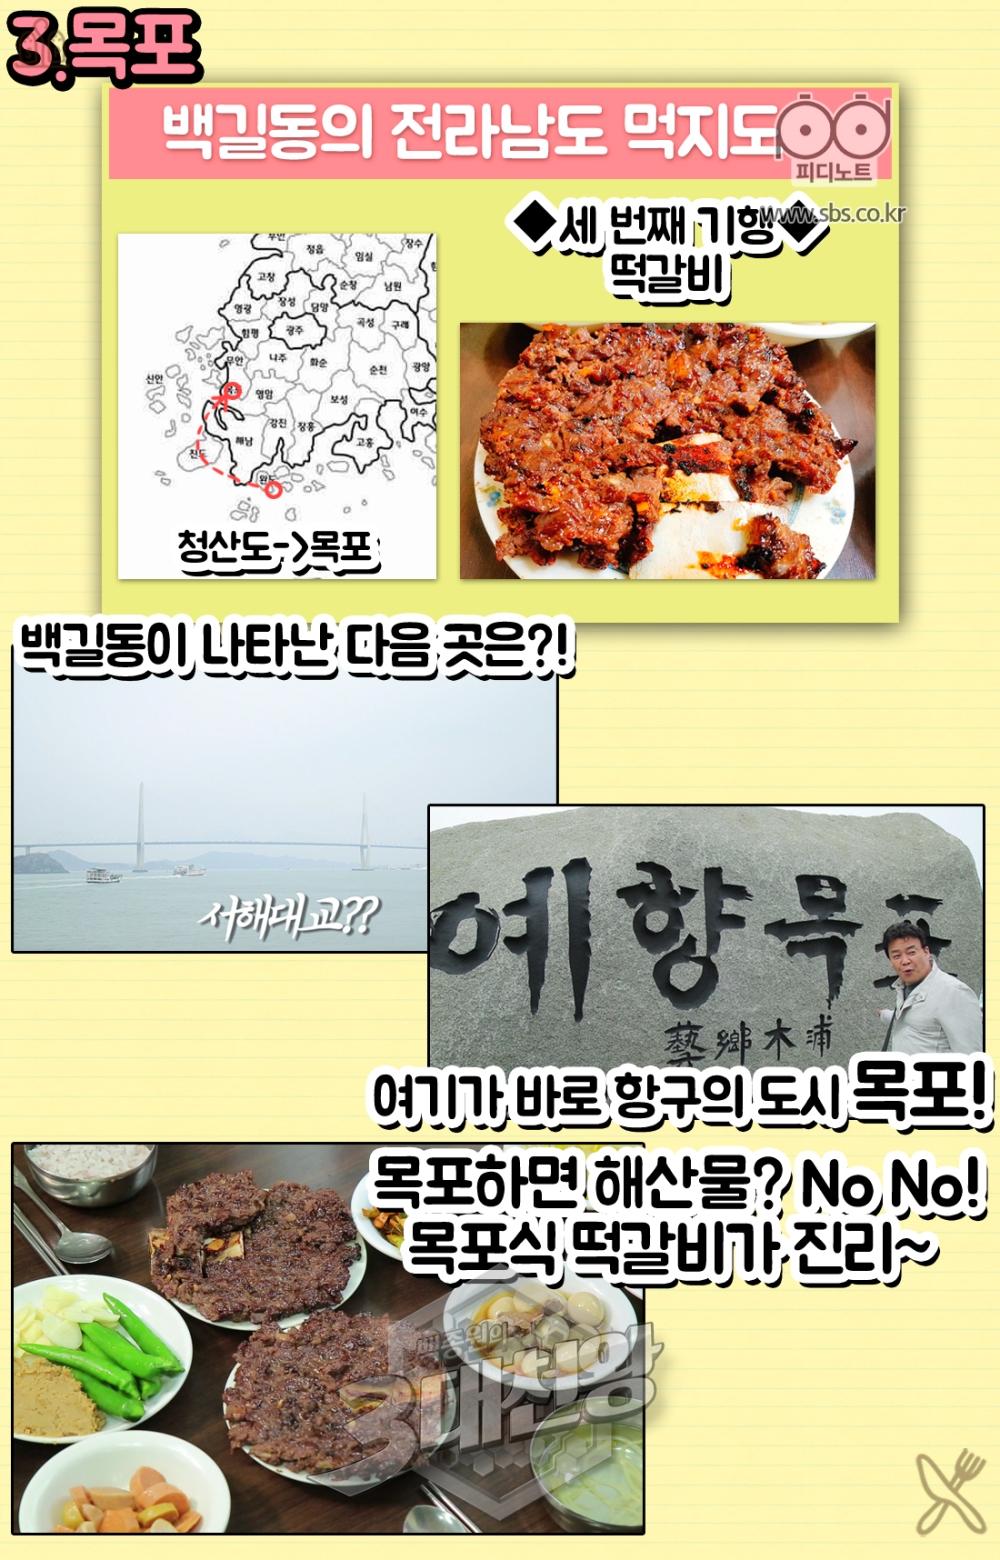 세번째목포항구의도시목포해산물노노목포식떡갈비가진리